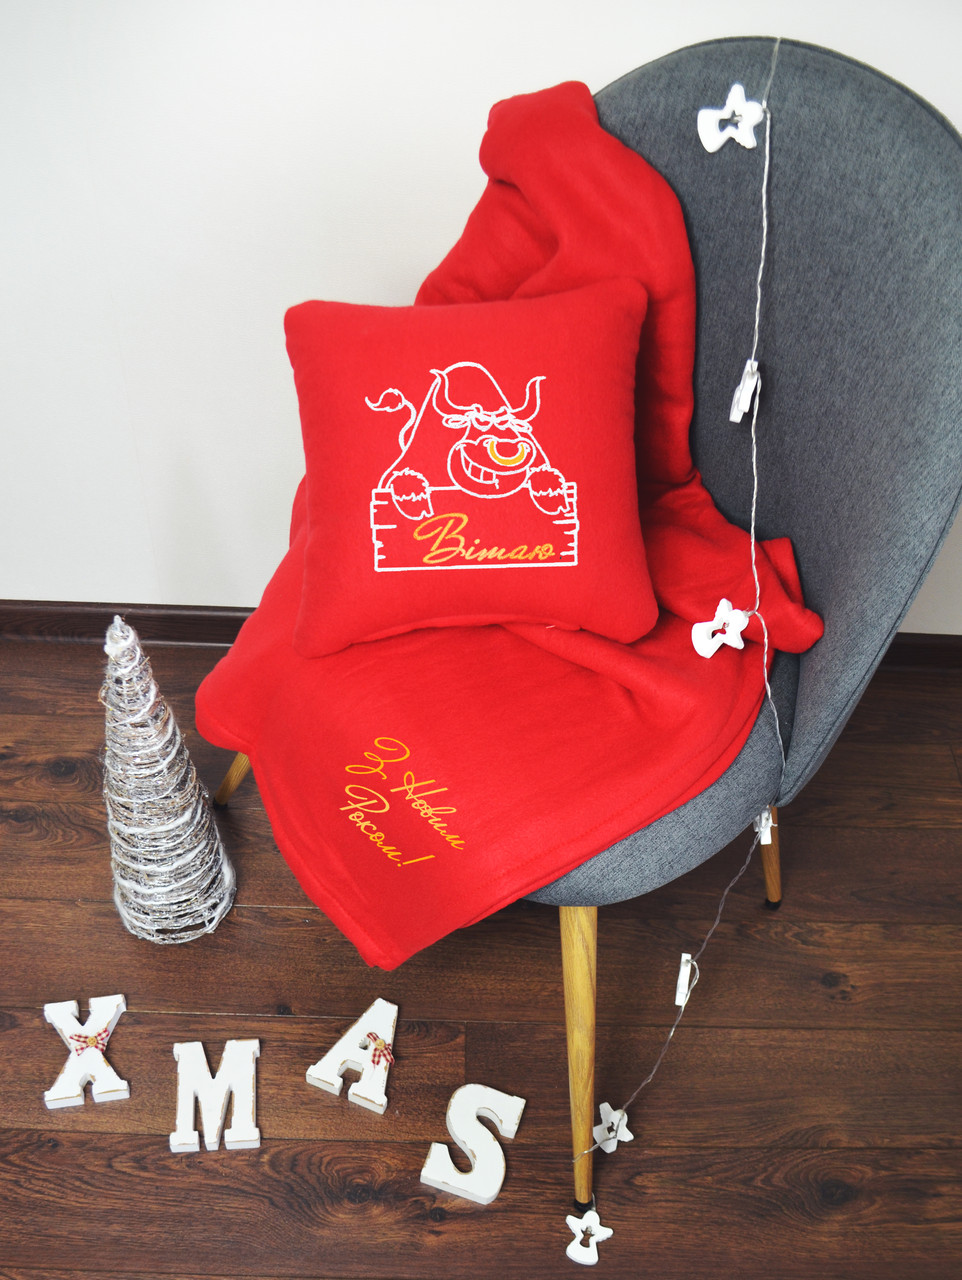 """Подарунковий набір: подушка + плед з новорічною вишивкою """"З Новим Роком! """" 30 цвет на выбор"""